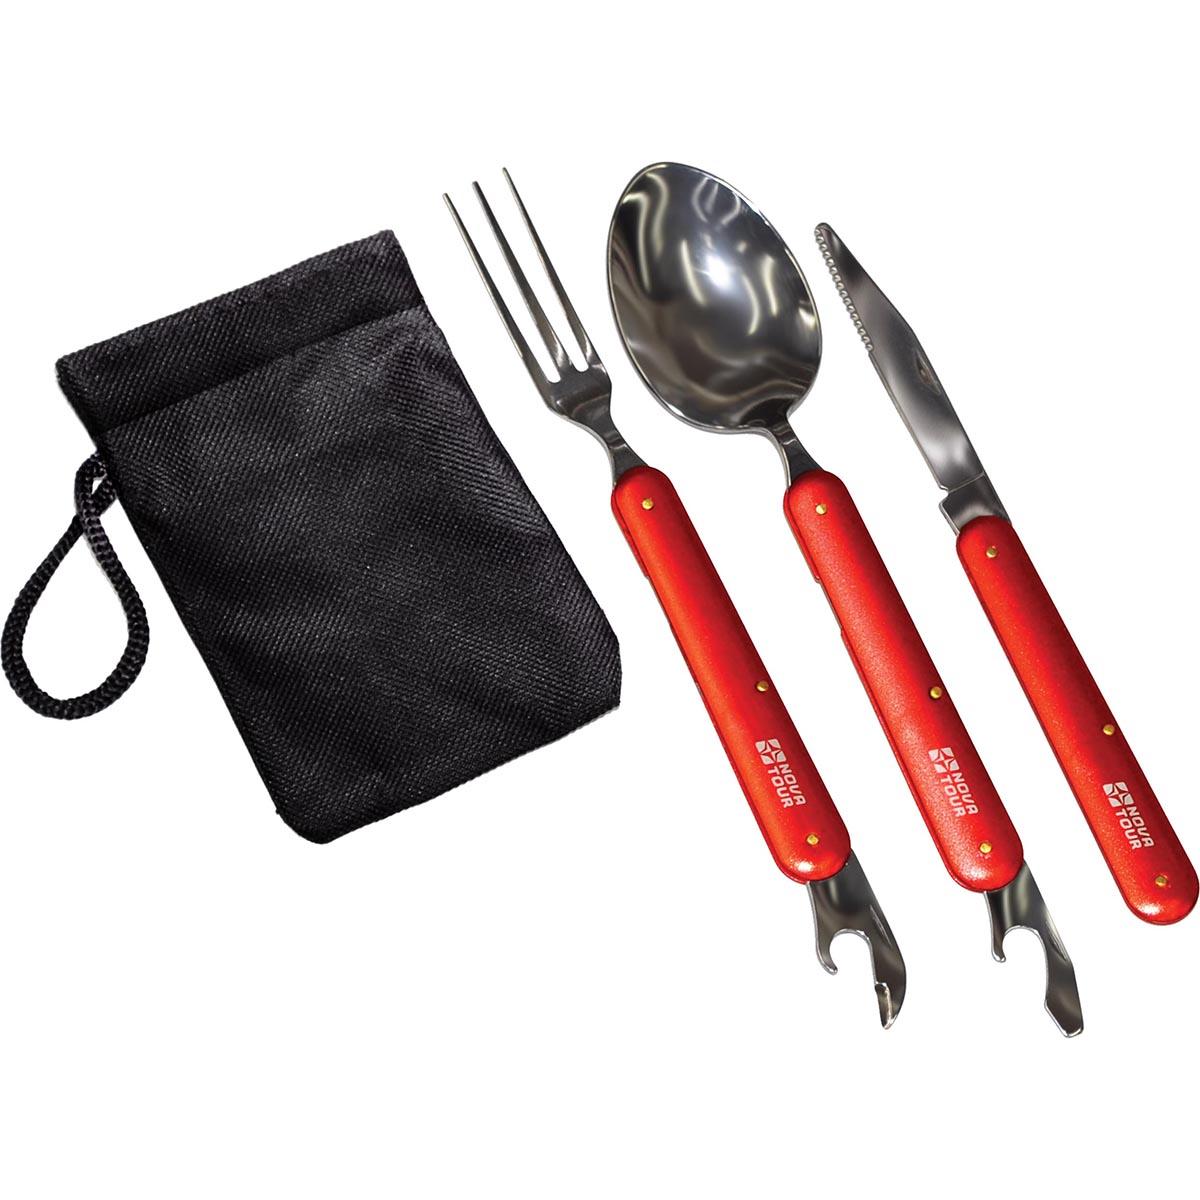 Набор столовых приборов складных NOVA TOUR ST-1, цвет: красныйKOC-H19-LEDКомпактный набор столовых приборов со складными ручками. Ложка и вилка имеют консервный нож. Набор укопмплектован тканевым мешочком.; Материал Нержавеющая пищевая сталь/пищевой алюминийВес (кг) 0,14